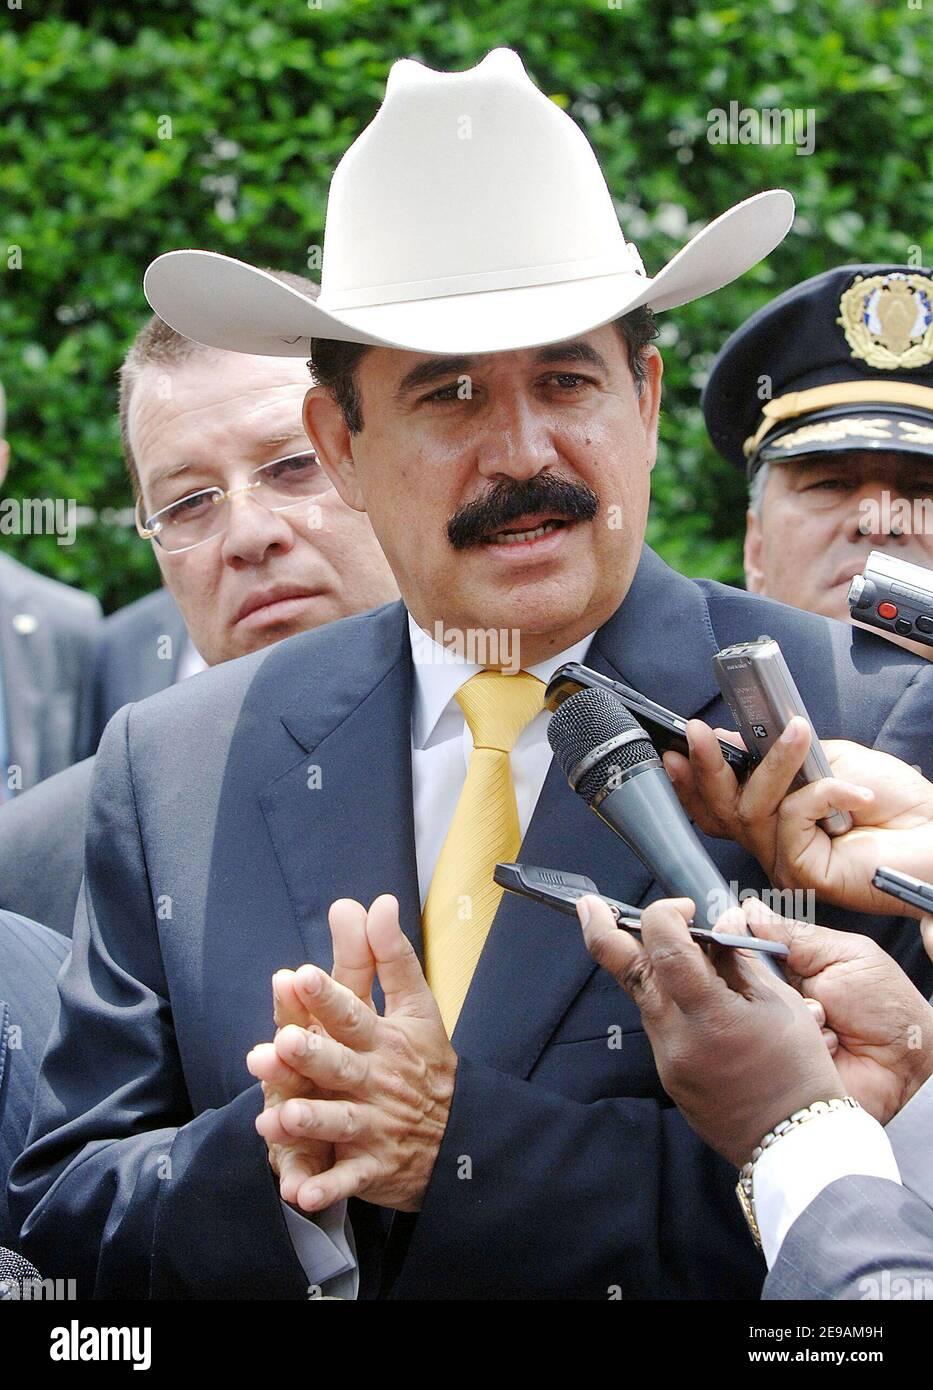 El presidente de Honduras, Manuel Zelaya Rosales, habla en la Casa Blanca el 5 de junio de 2006 en Washington, DC, tras reunirse con el presidente Bush. Foto de Olivier Douliery/ABACAPRESS.COM Foto de stock